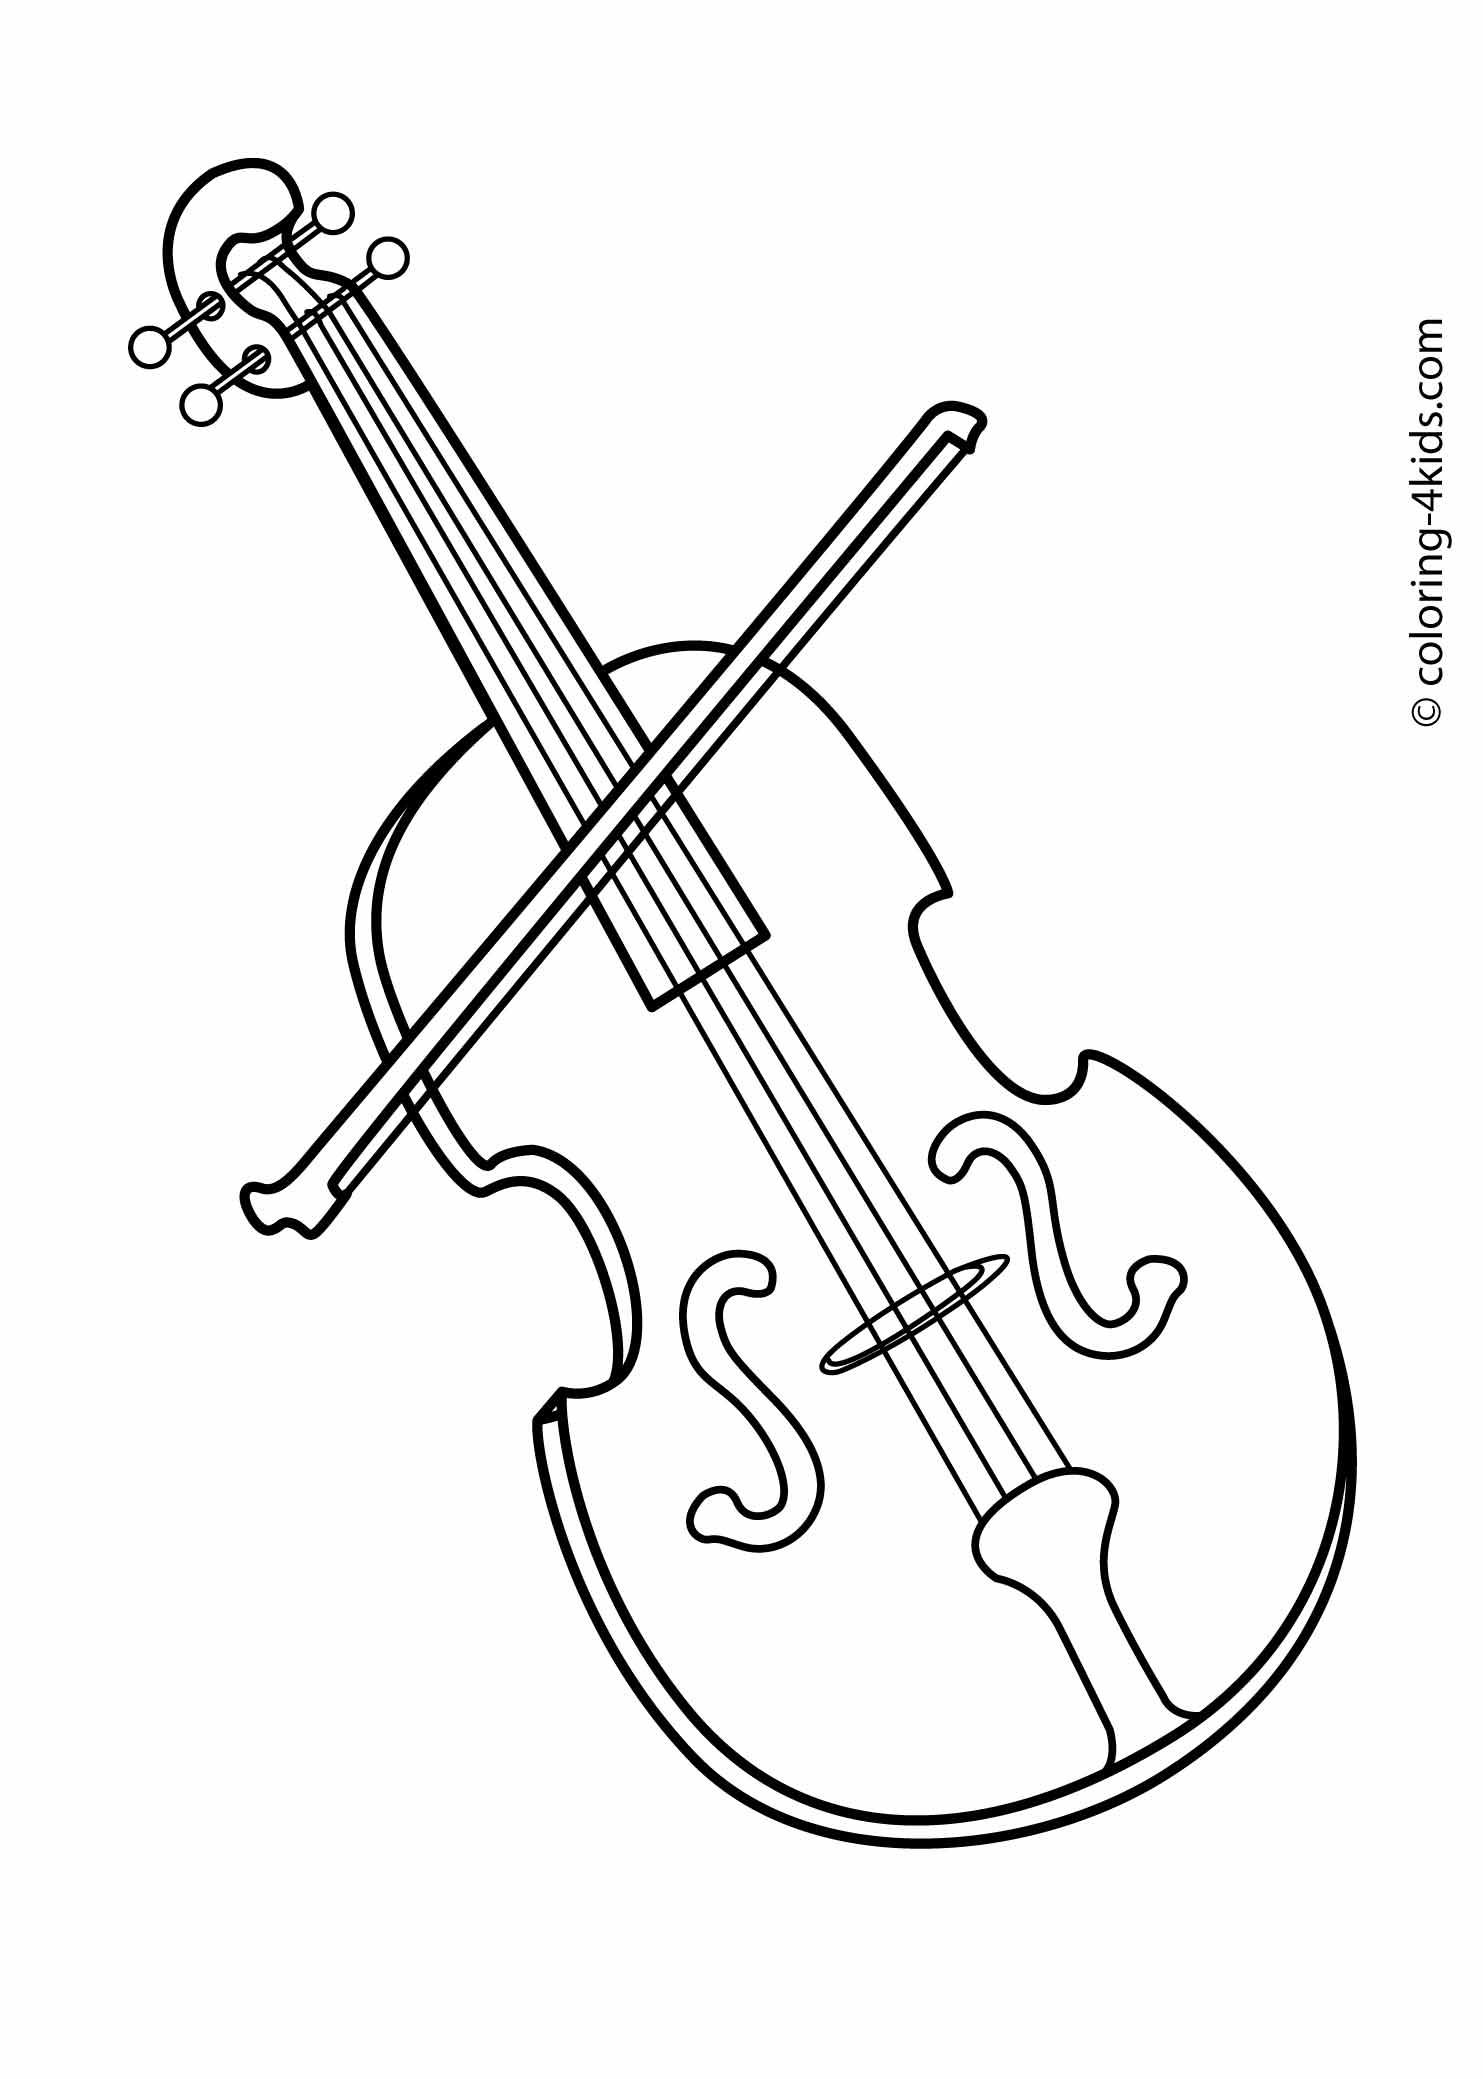 Violin Coloring Pages - Kidsuki